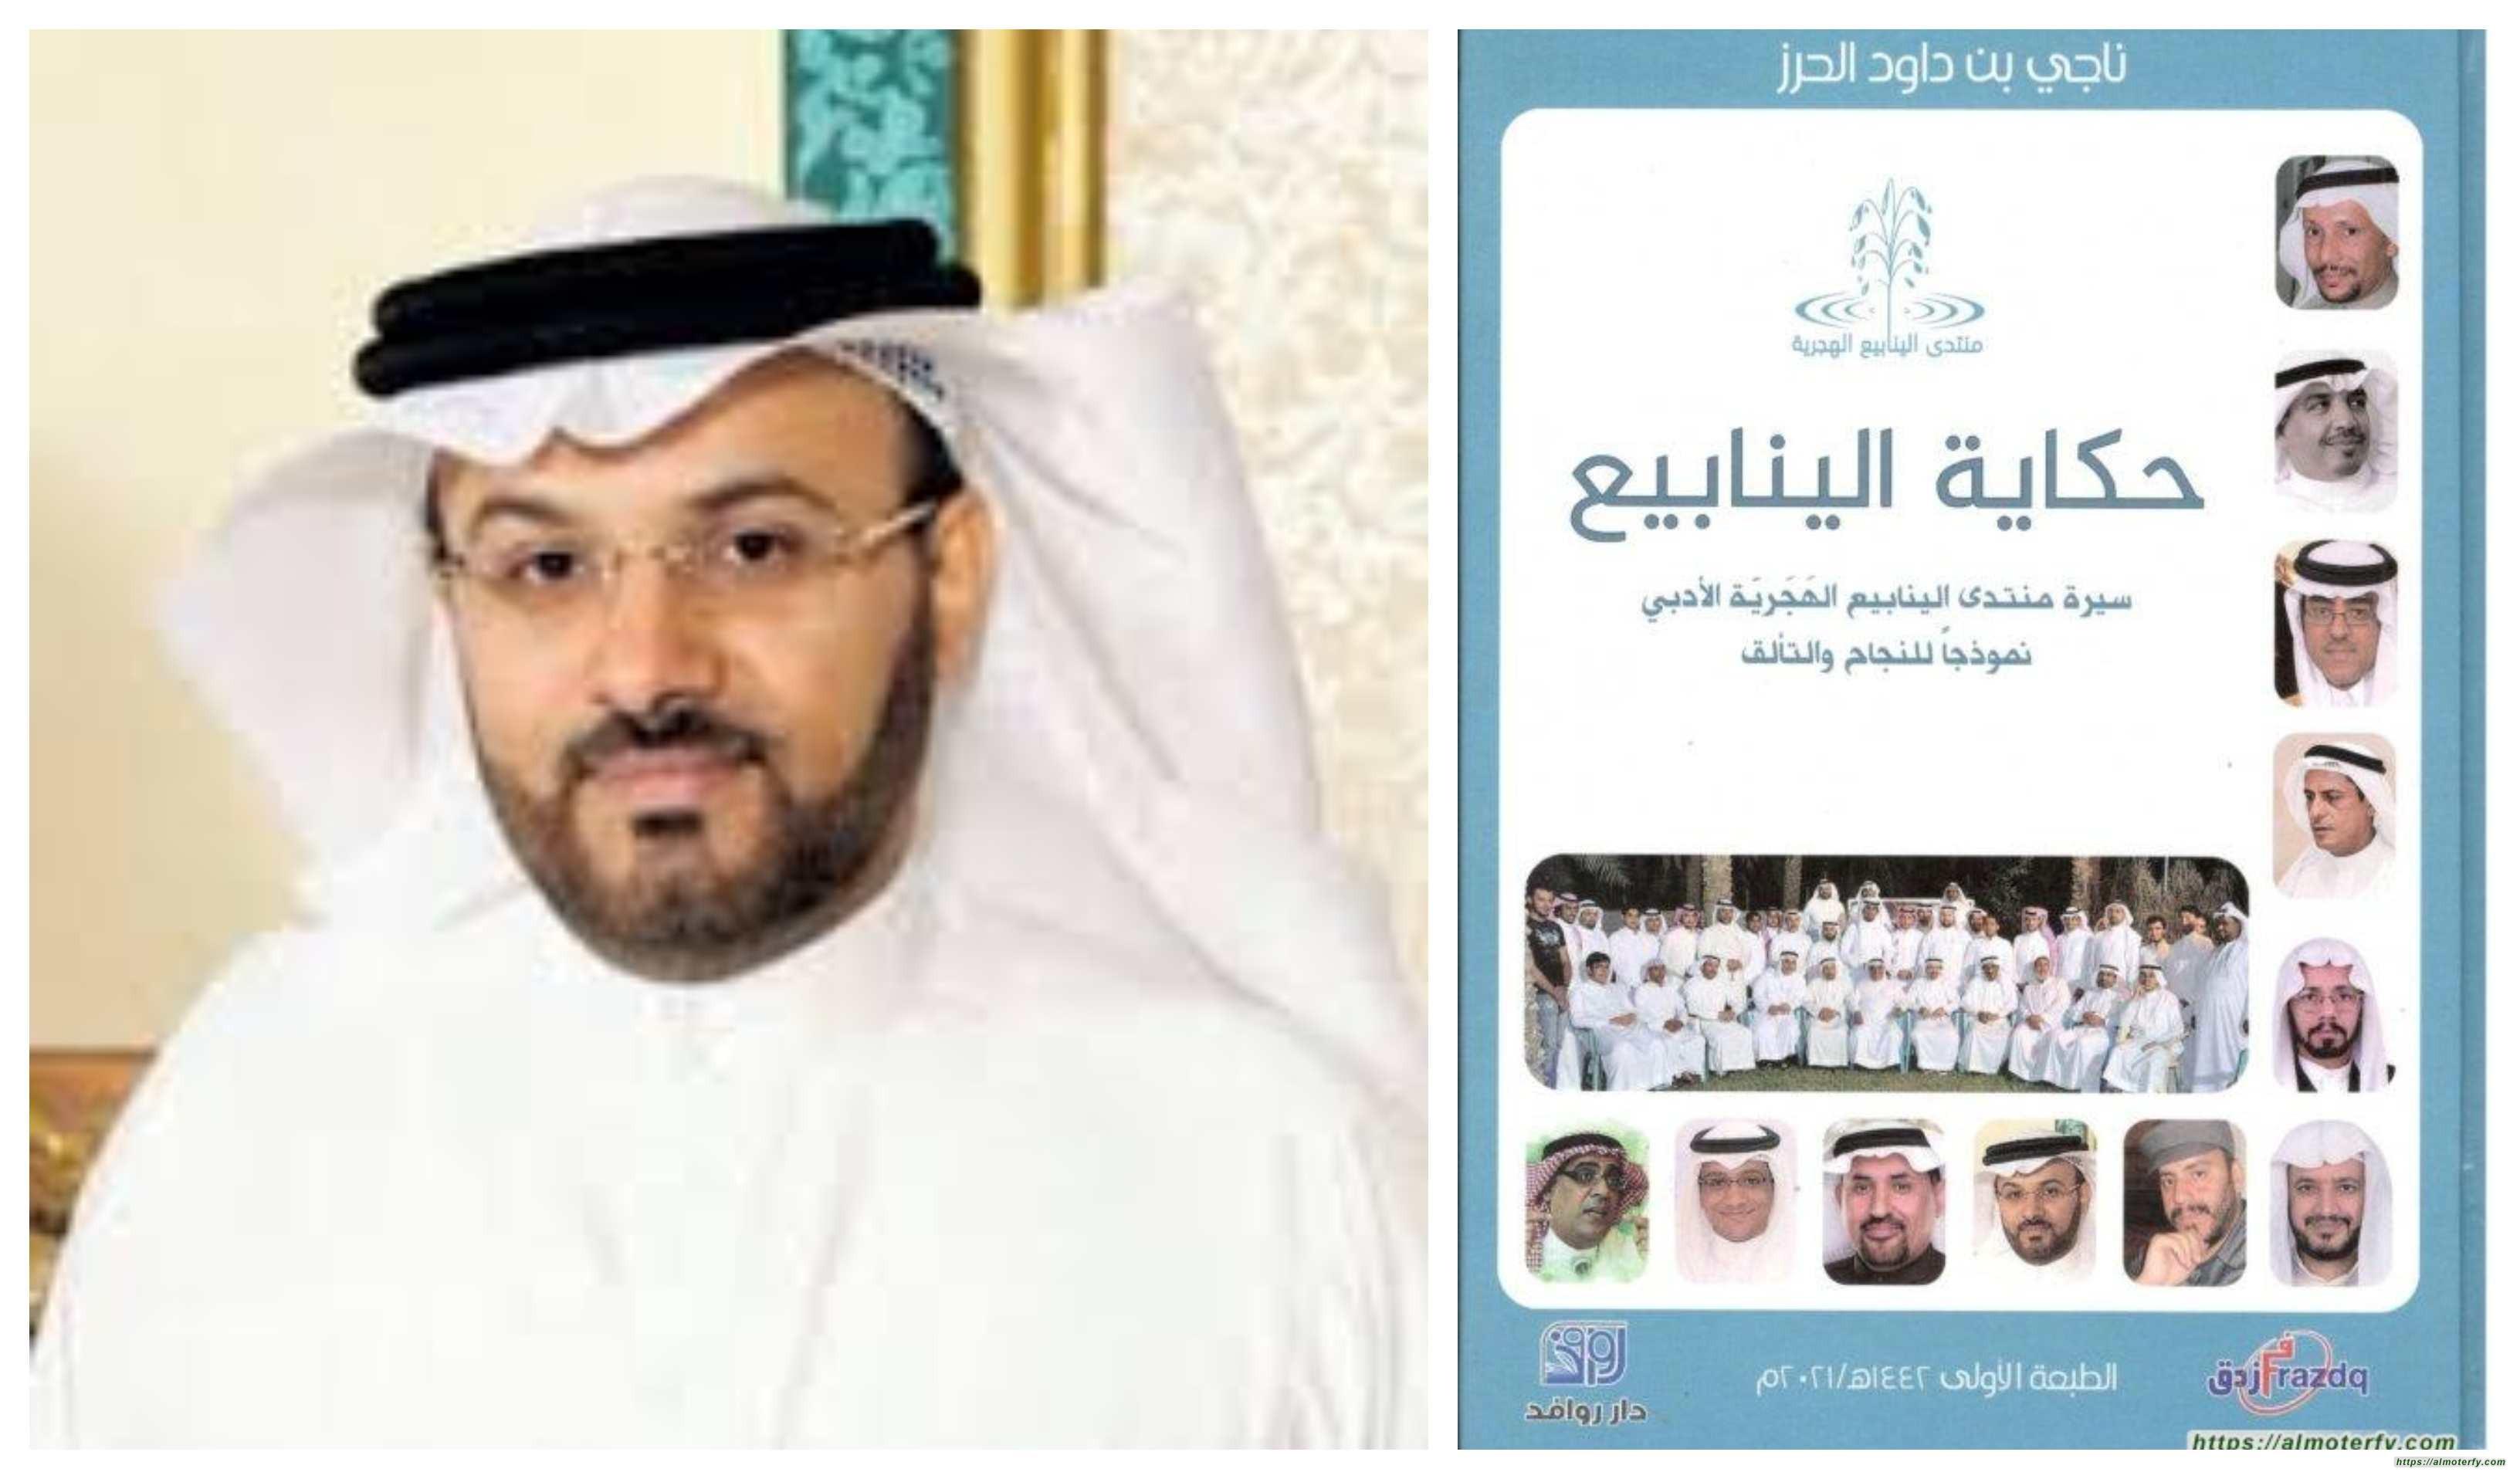 حكاية الينابيع  رصد احترافي و شهاداتلتاريخ الأدب المعاصر